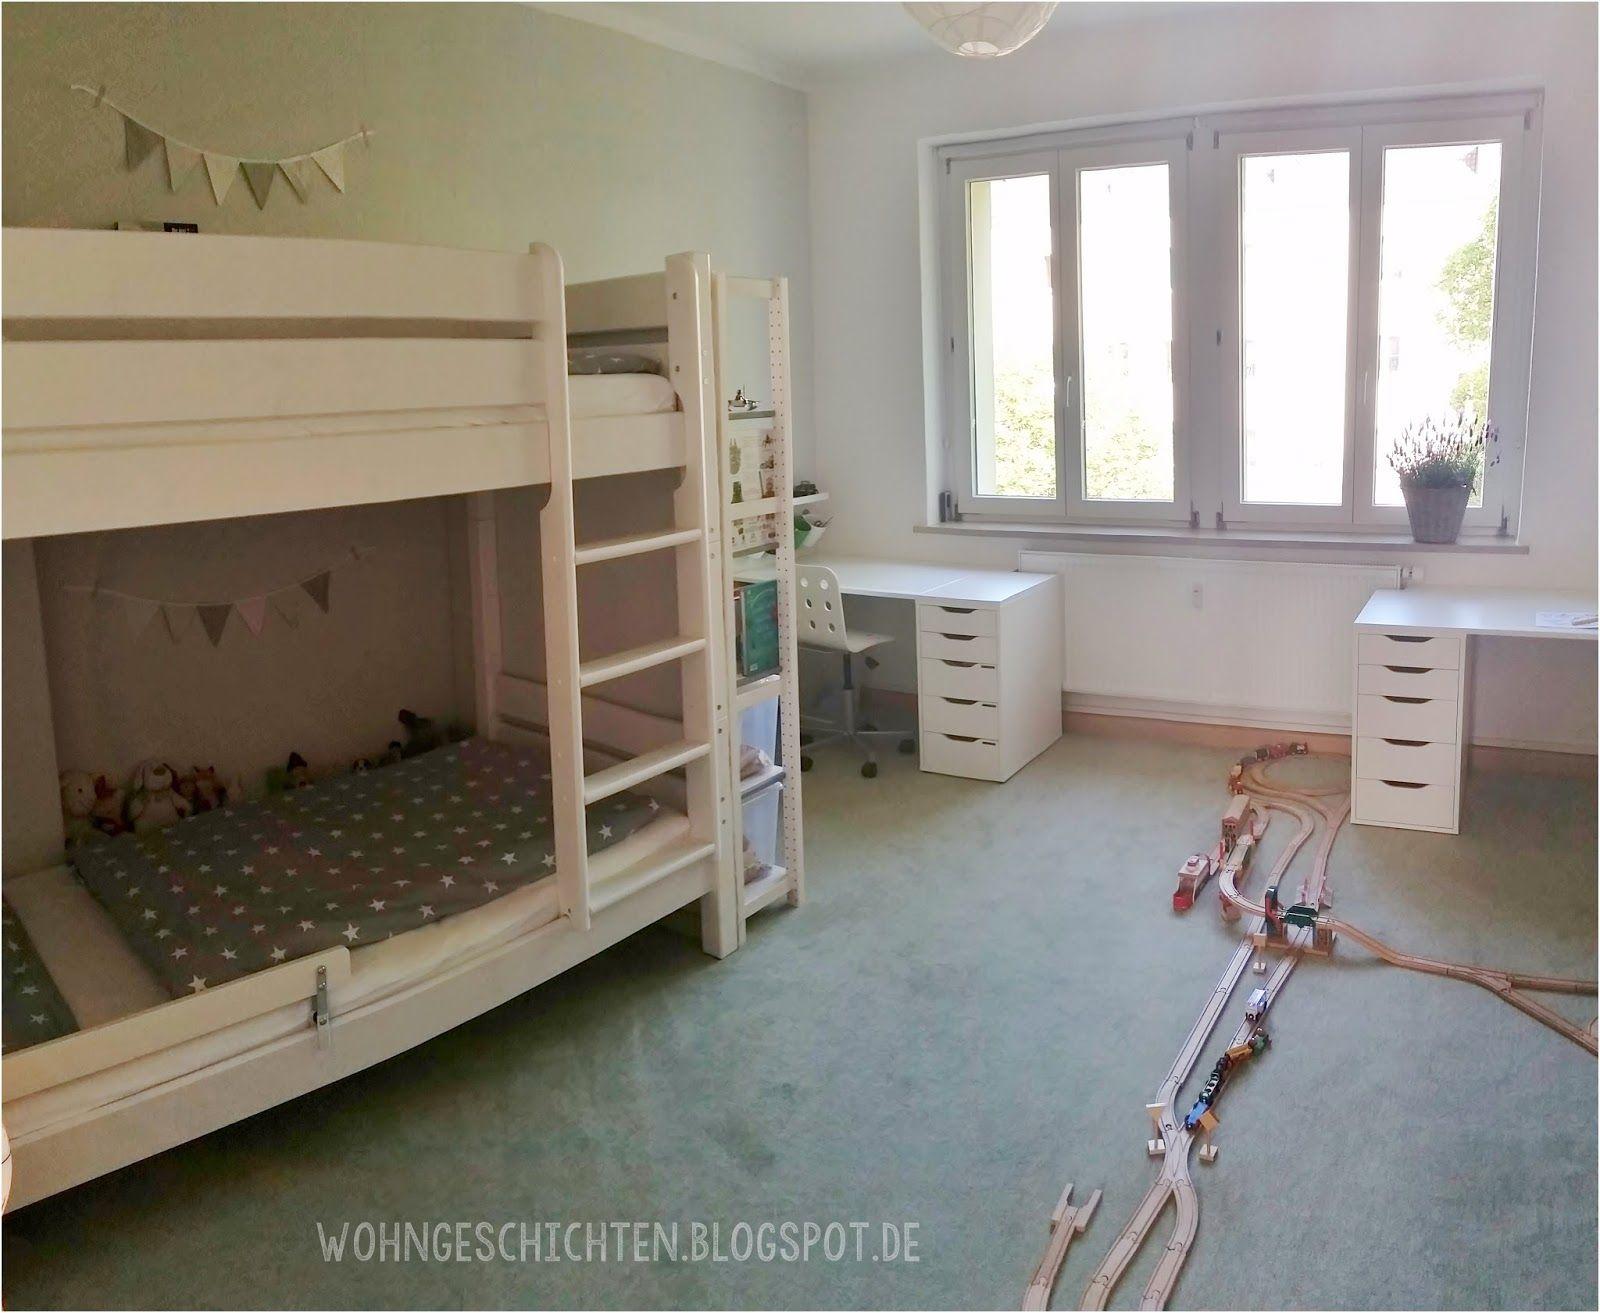 Kinderzimmer Mit Etagenbett : Design kinderzimmer hochbett etagenbett xxl stauraum schubladen